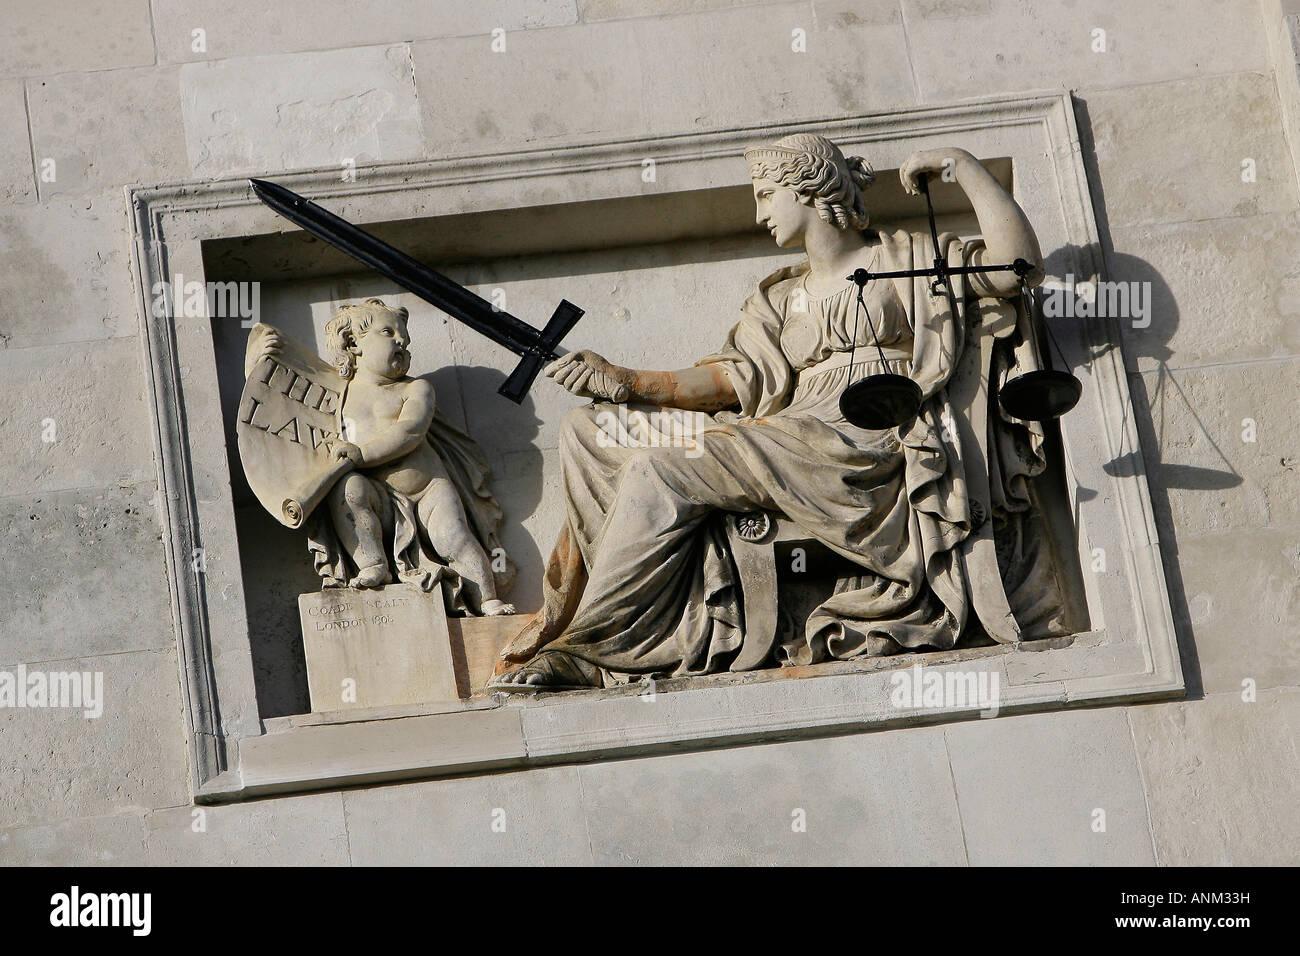 La balanza de la justicia encima de la entrada lewes crown court. imagen por James boardman Foto de stock